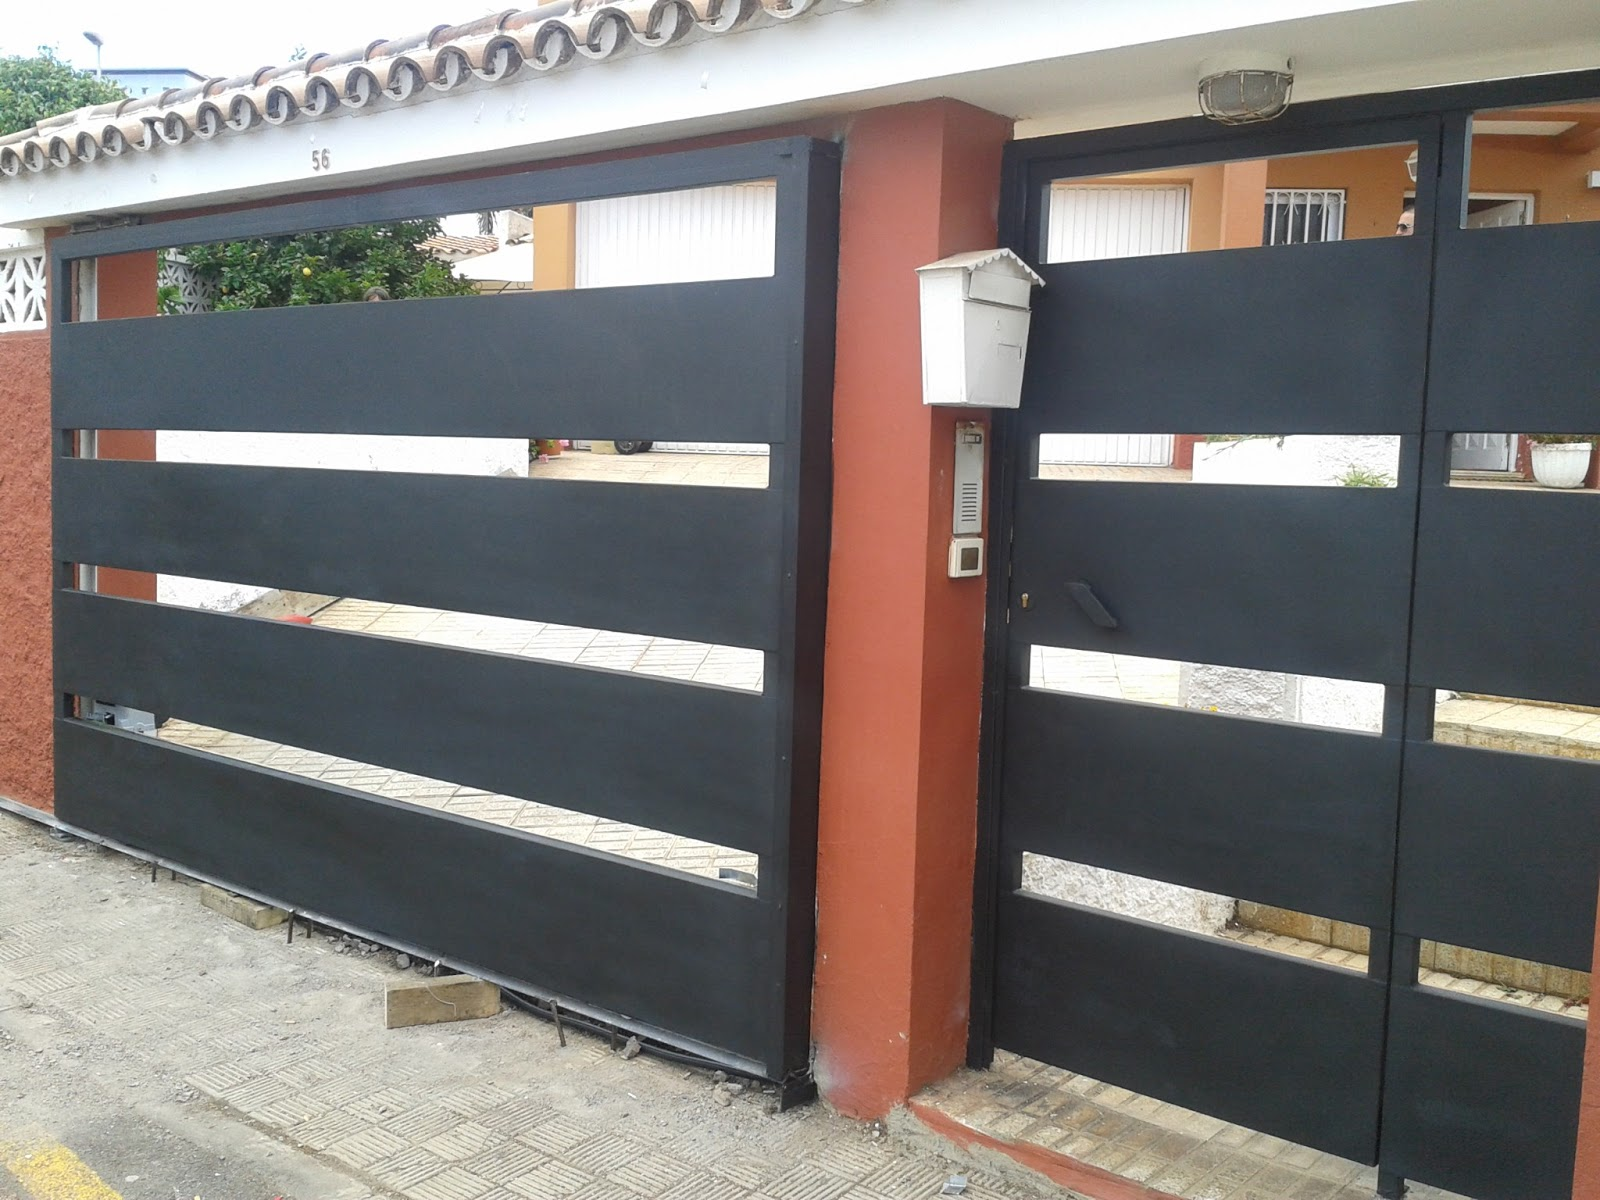 Puertas garaje tenerife modelos y materiales de puertas for Puertas correderas baratas